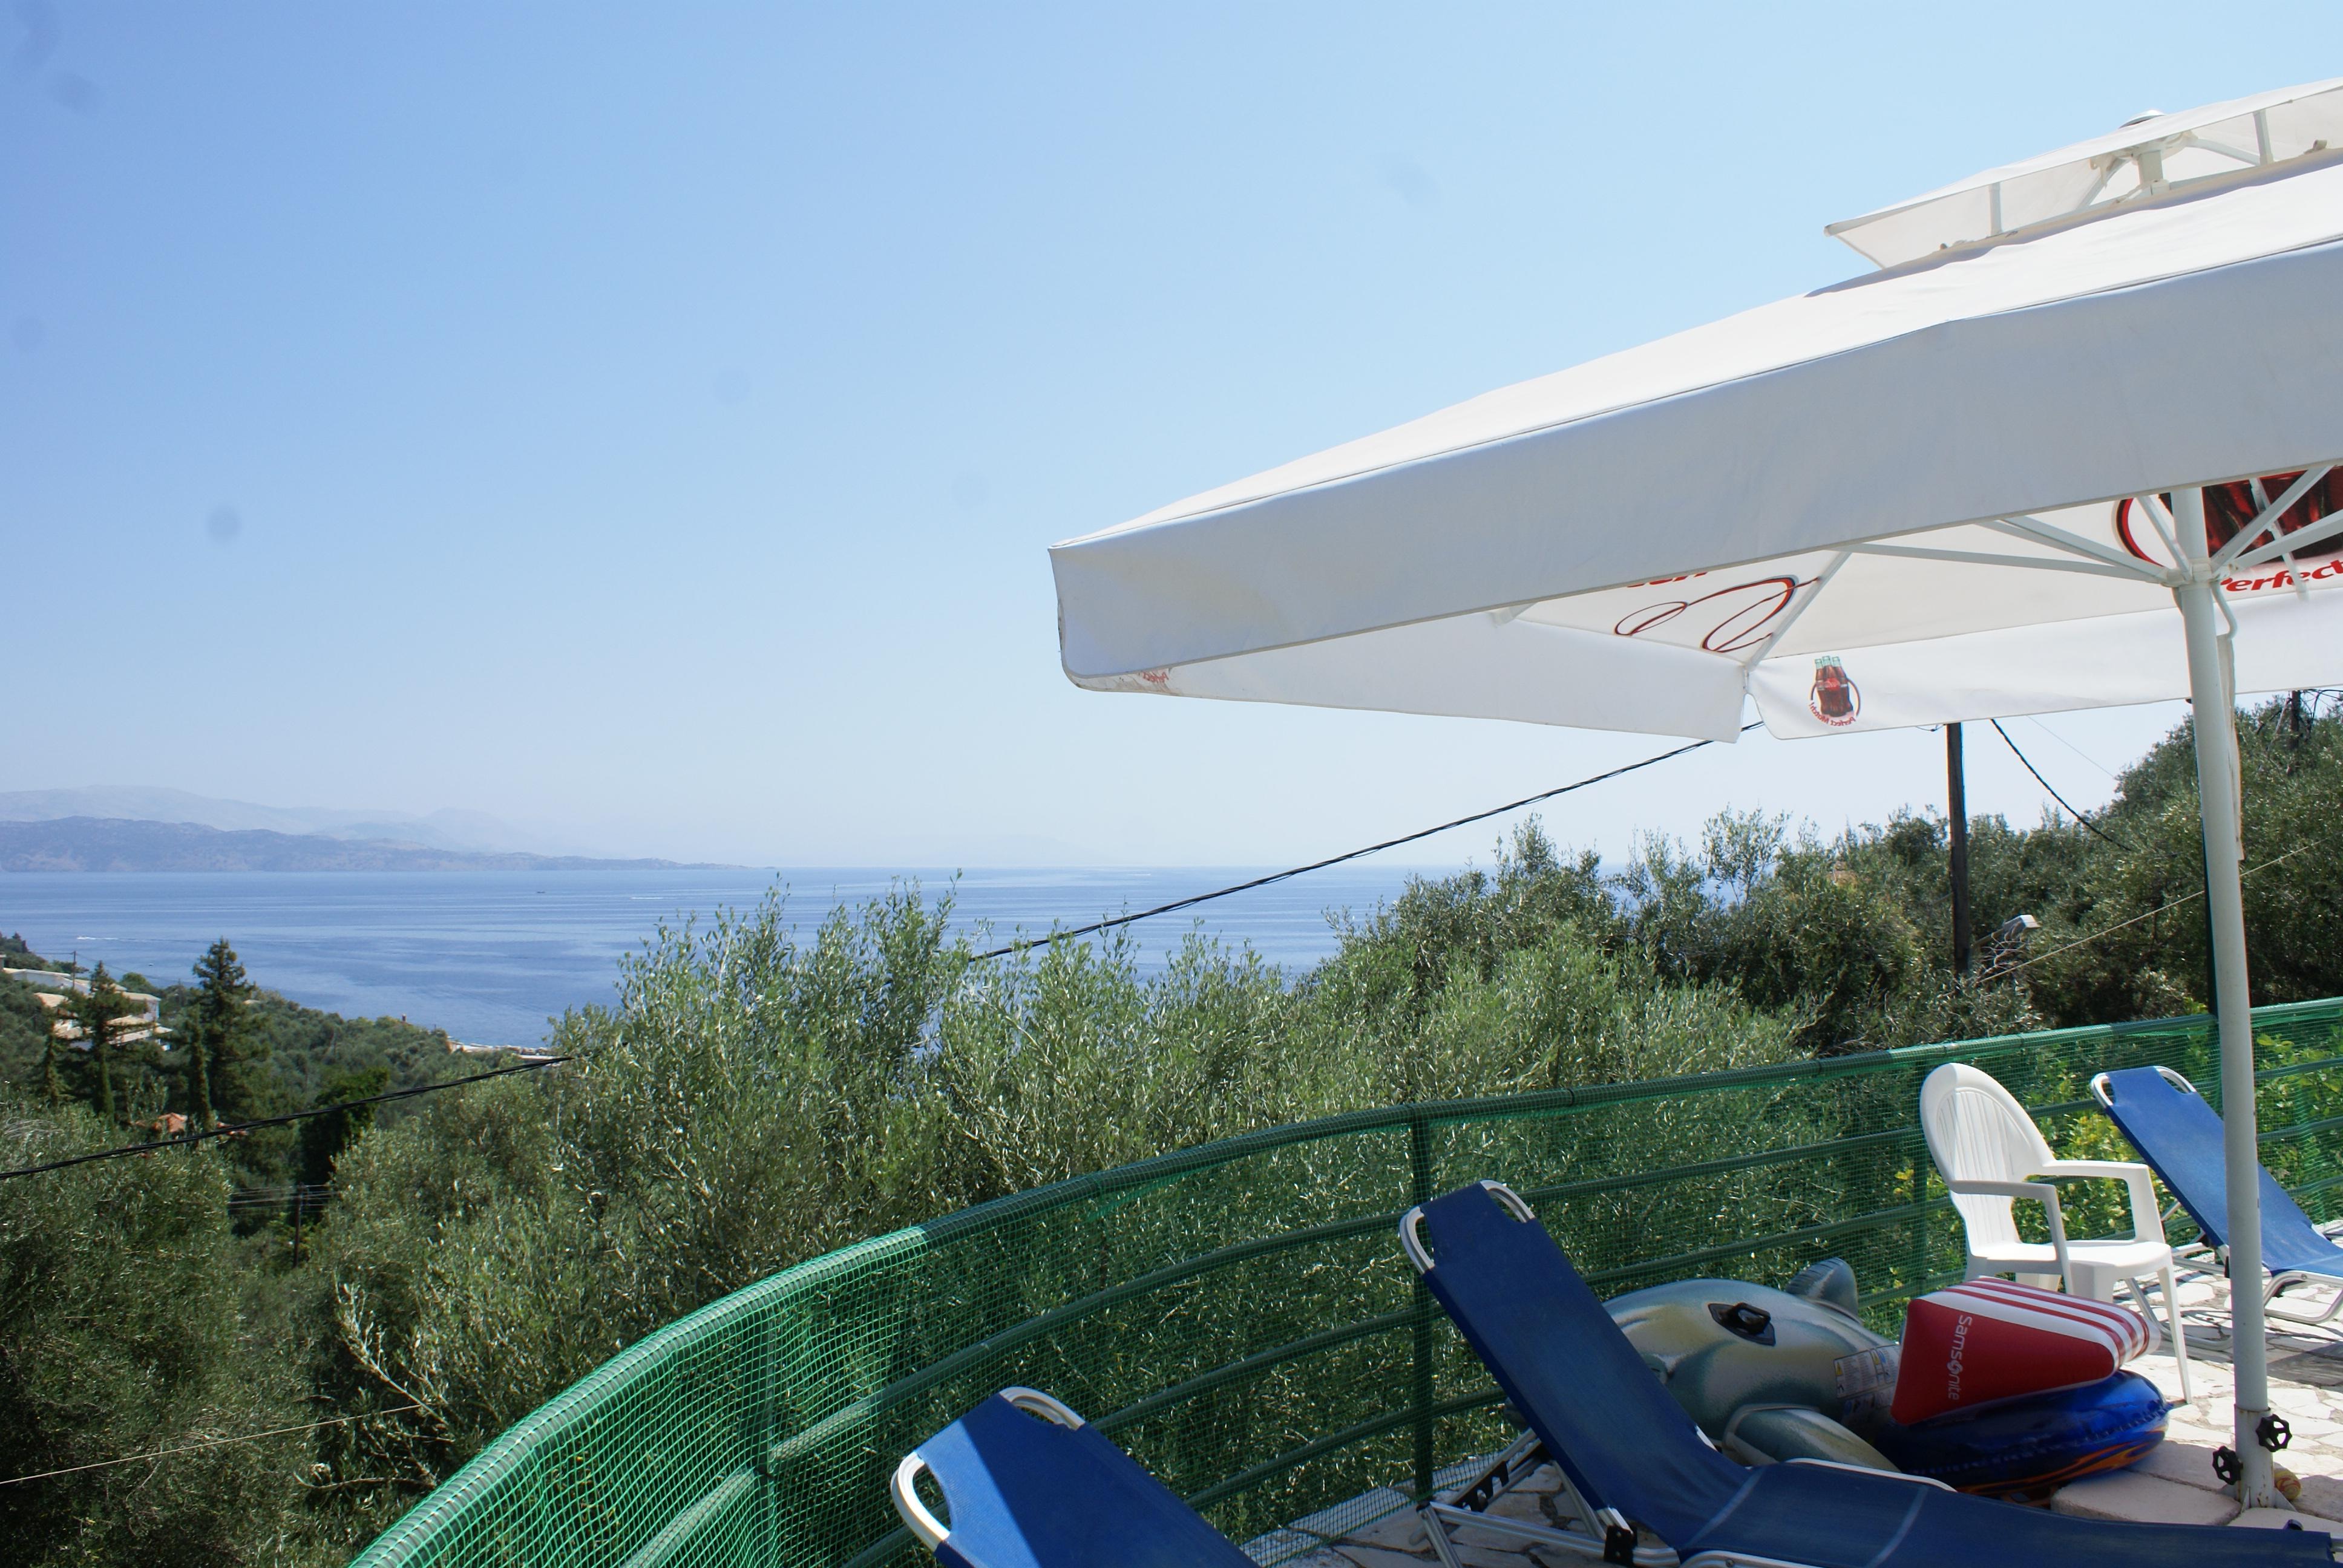 Meerblick - Balkon - Korfu Ferienhaus Villa Adonis mit Pool, Nissaki, KorfuCorfu.de